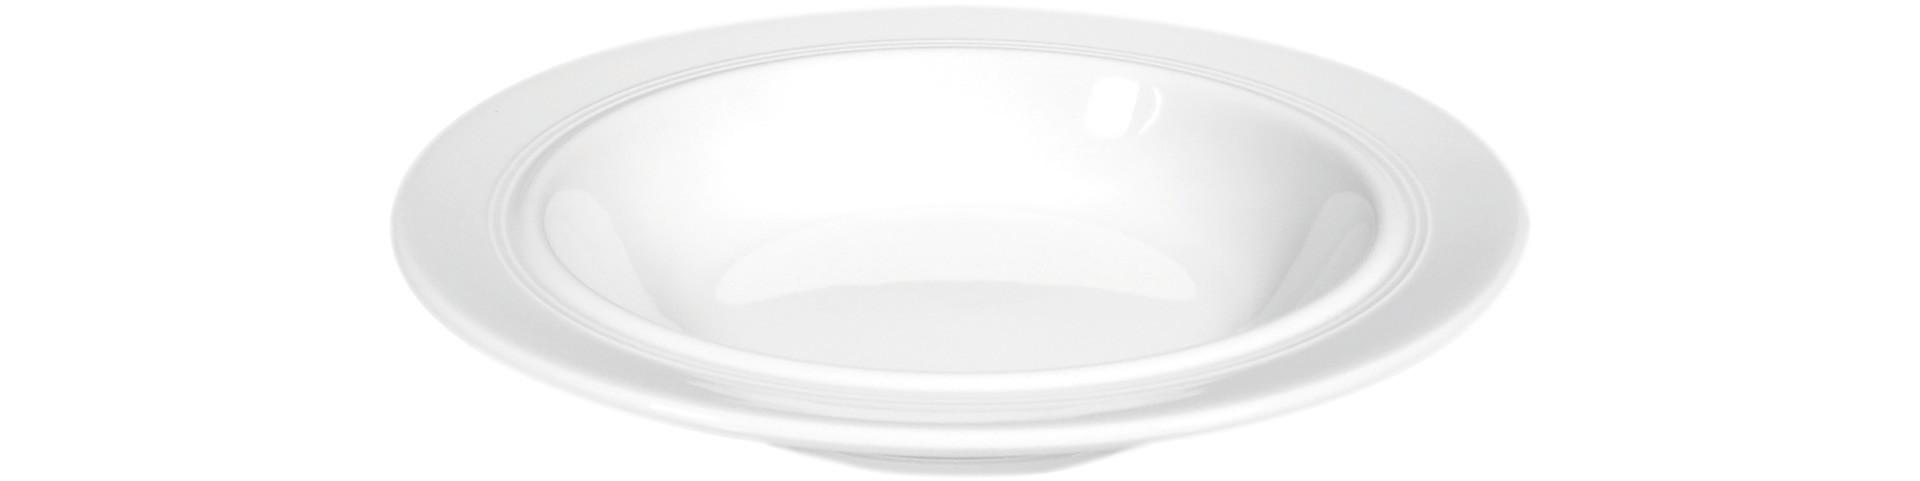 Vitalis, Teller tief ø 230 mm / 0,45 l weiß uni